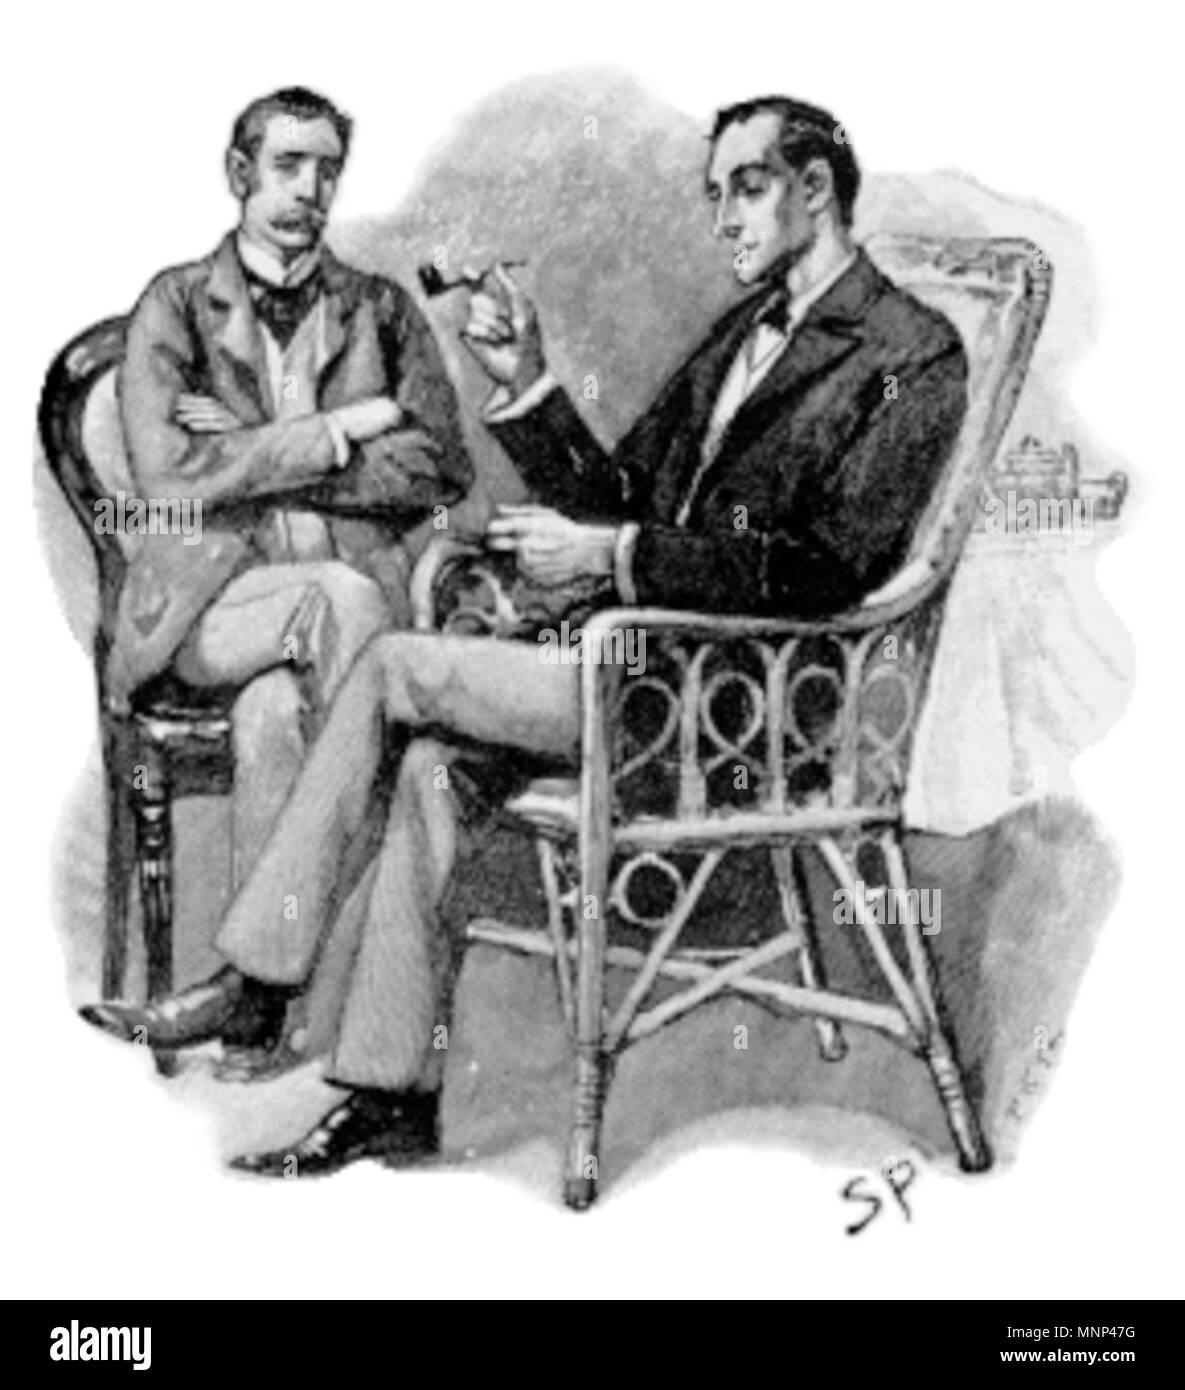 Illustration Par Sidney Paget A Partir De Lhistoire Sherlock Holmes LInterprete Grec Qui Paru Dans Le Strand Magazine